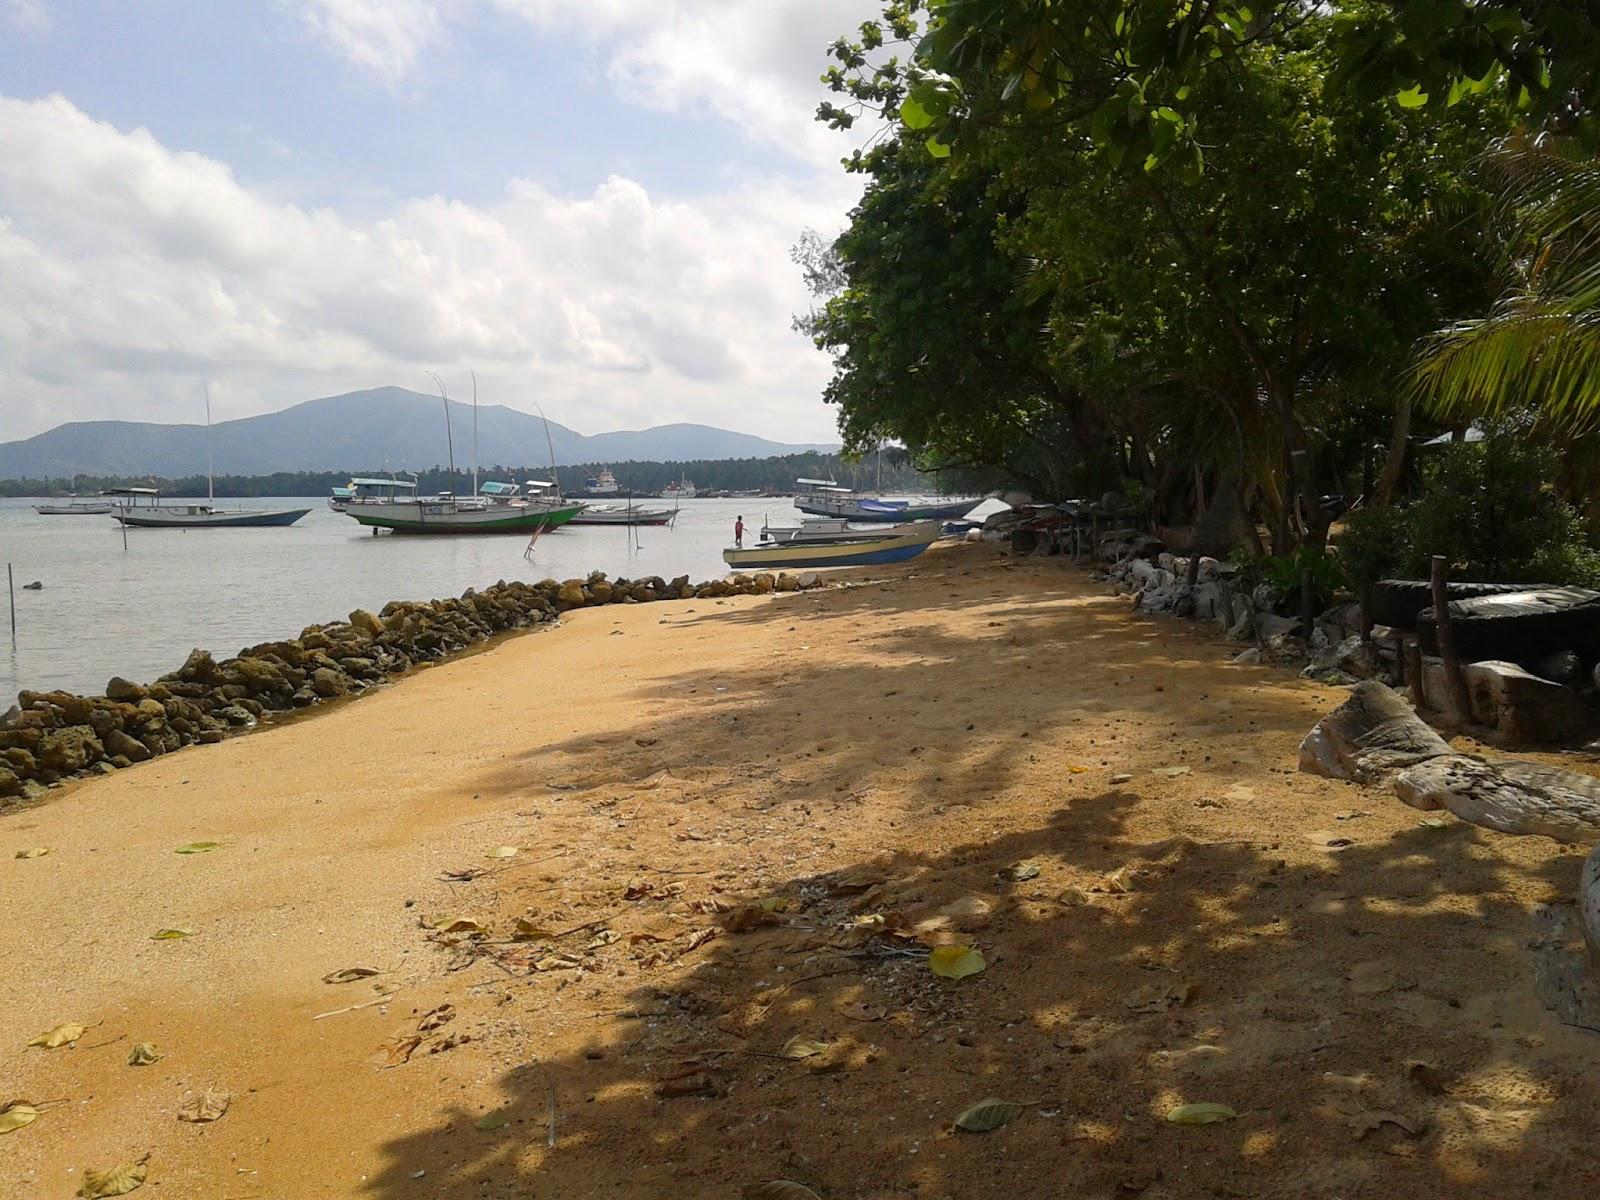 Pesisir di pantai Timo' Karimunjawa